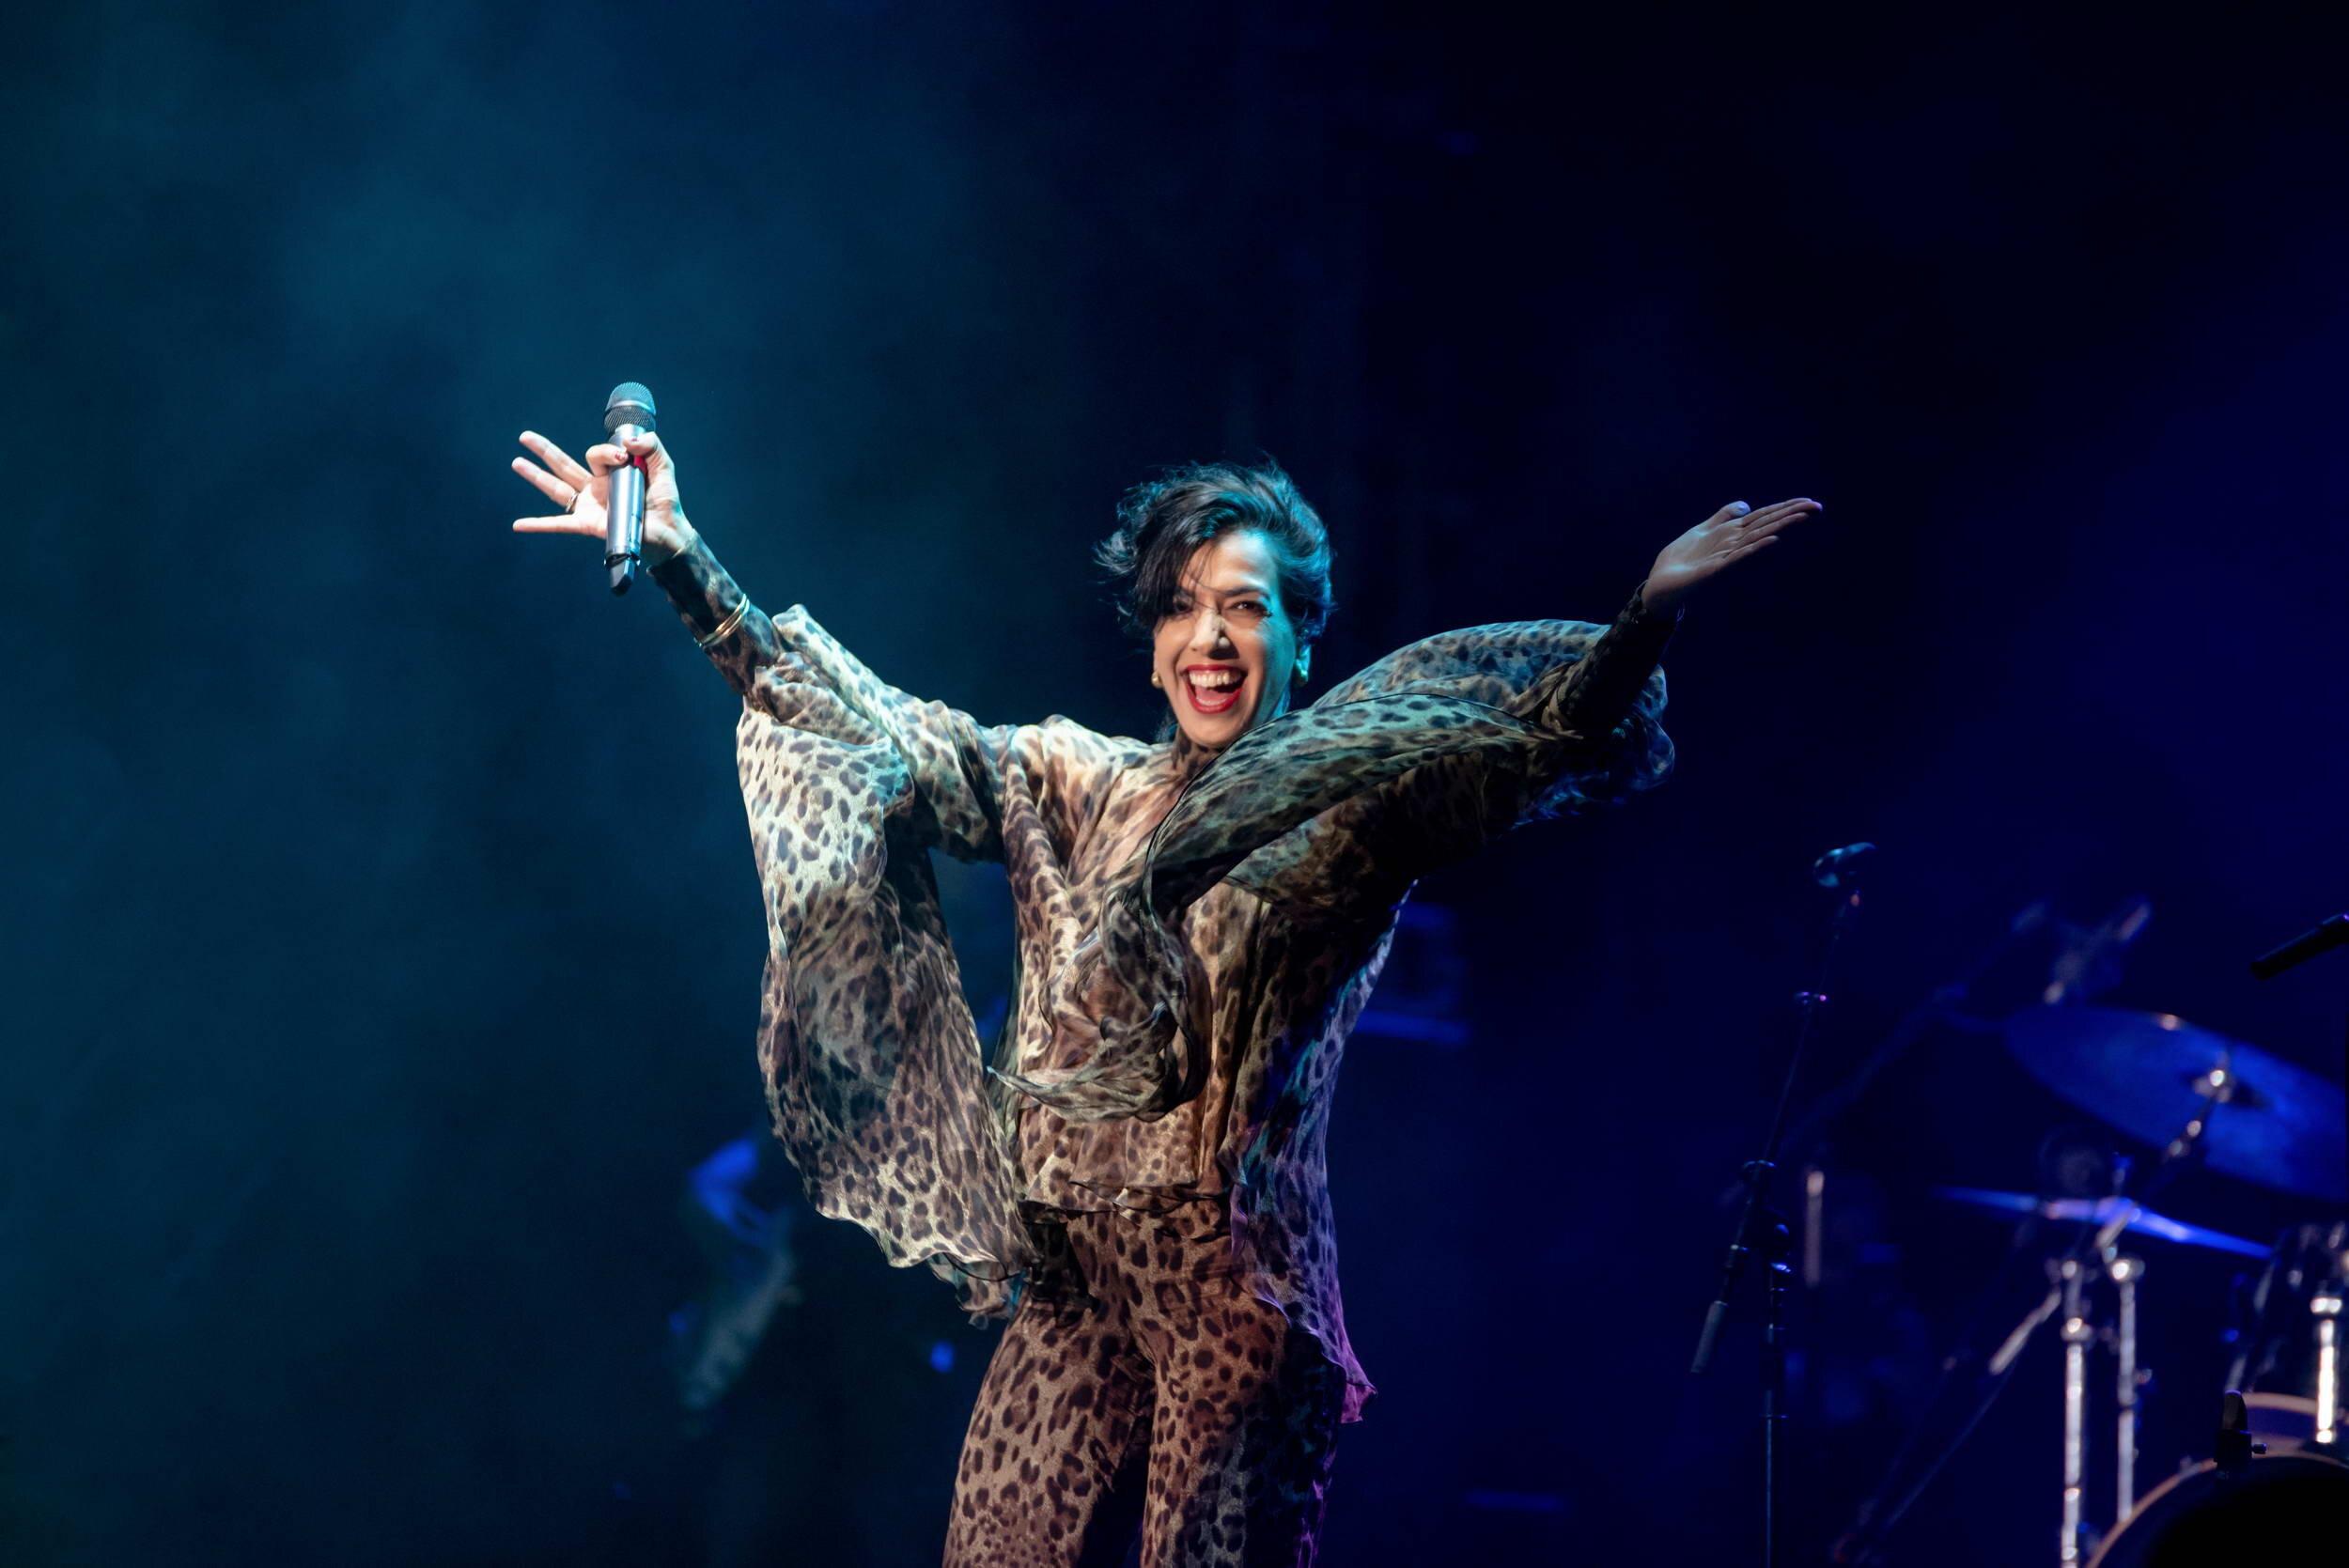 הזמרת דיקלה בהופעה חיה